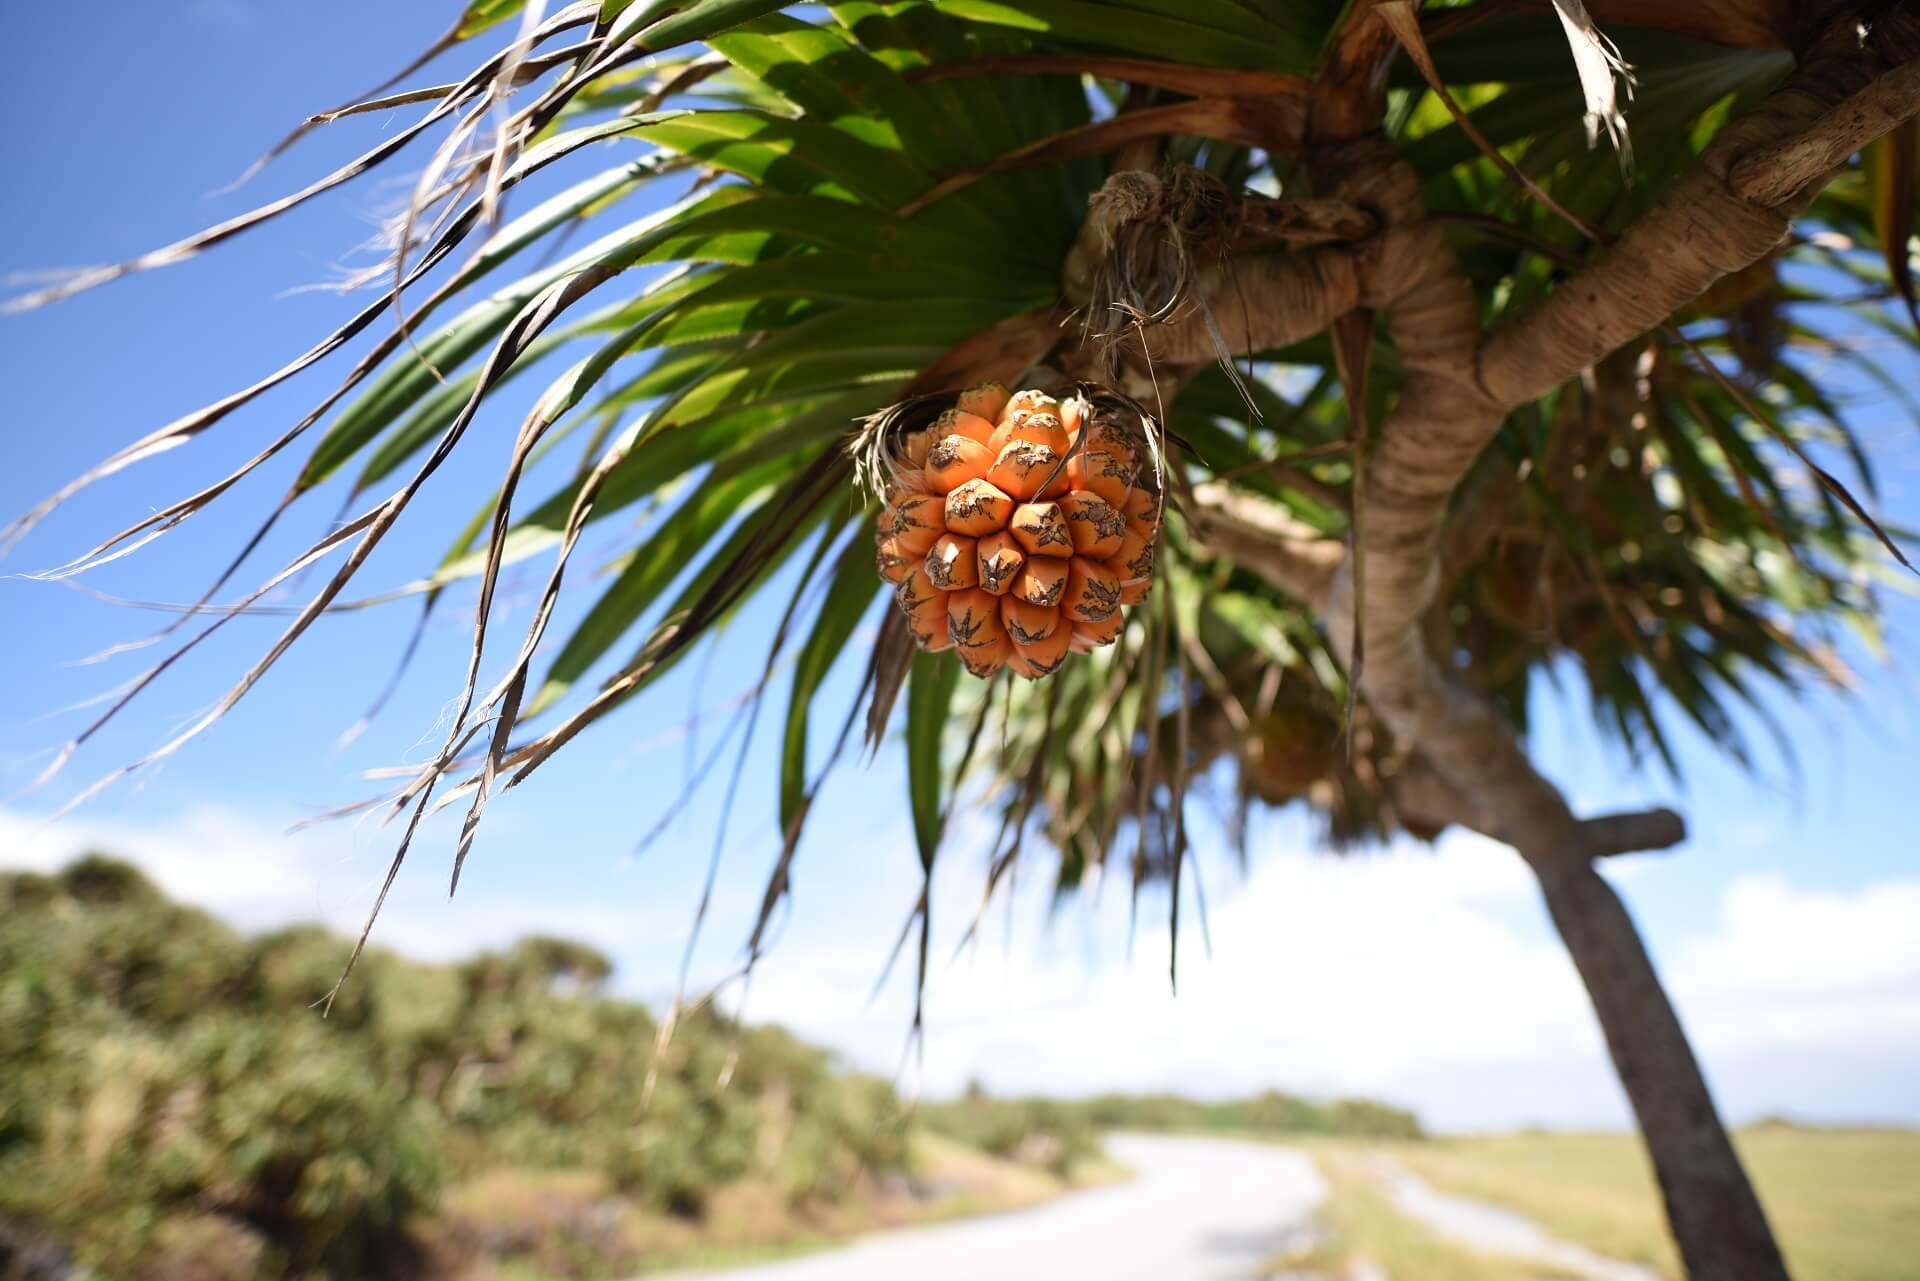 南の島にありそうな木と実